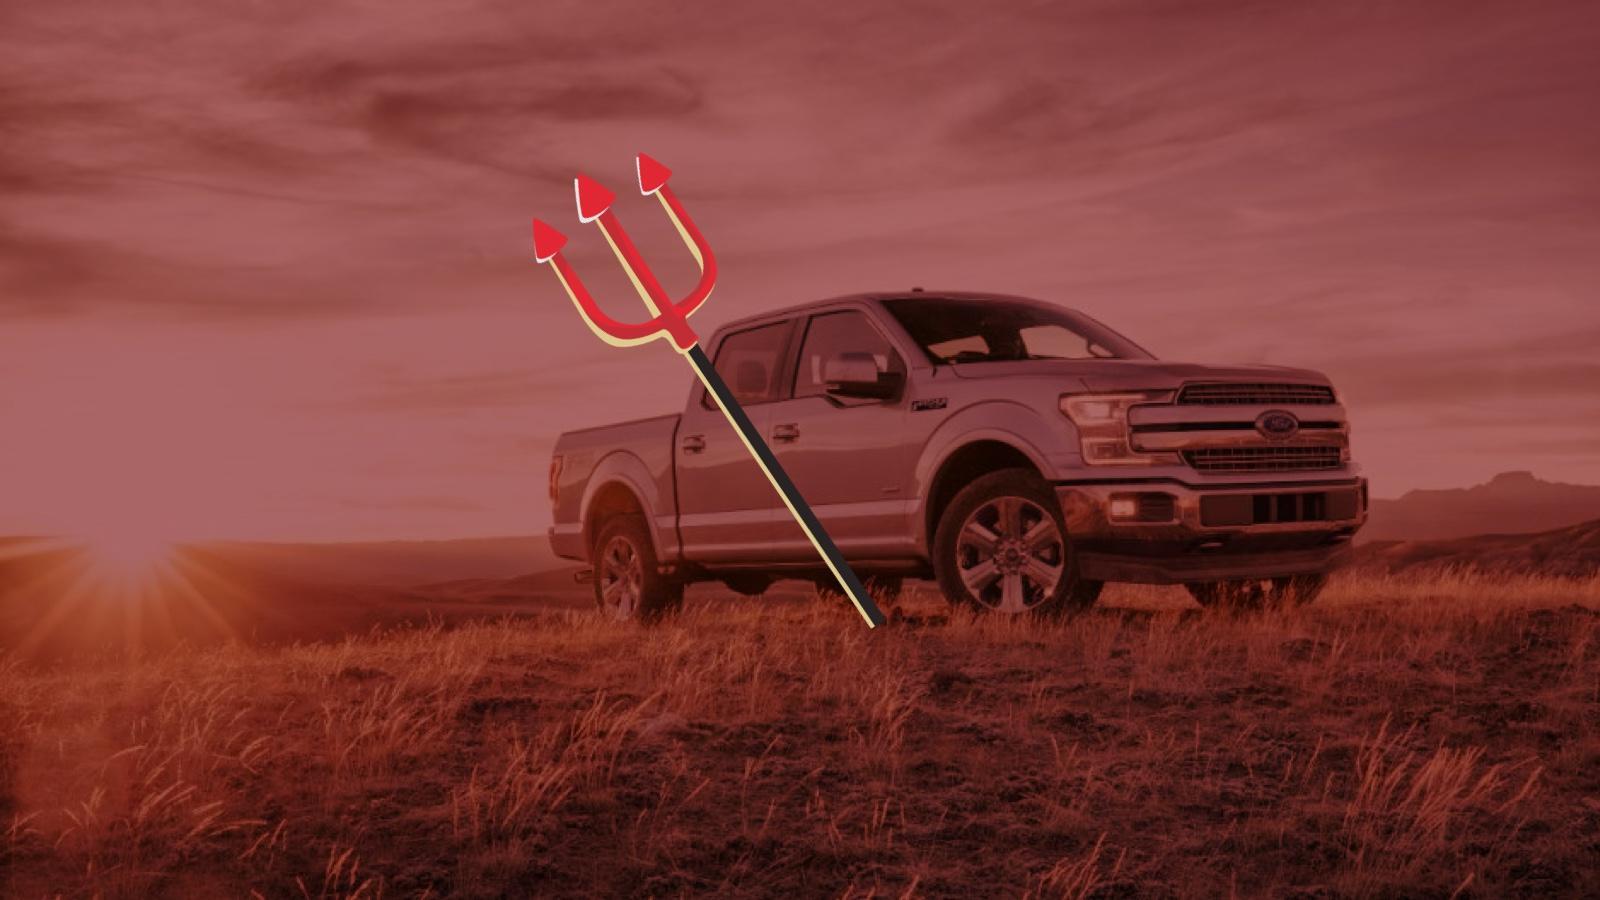 Evil Truck